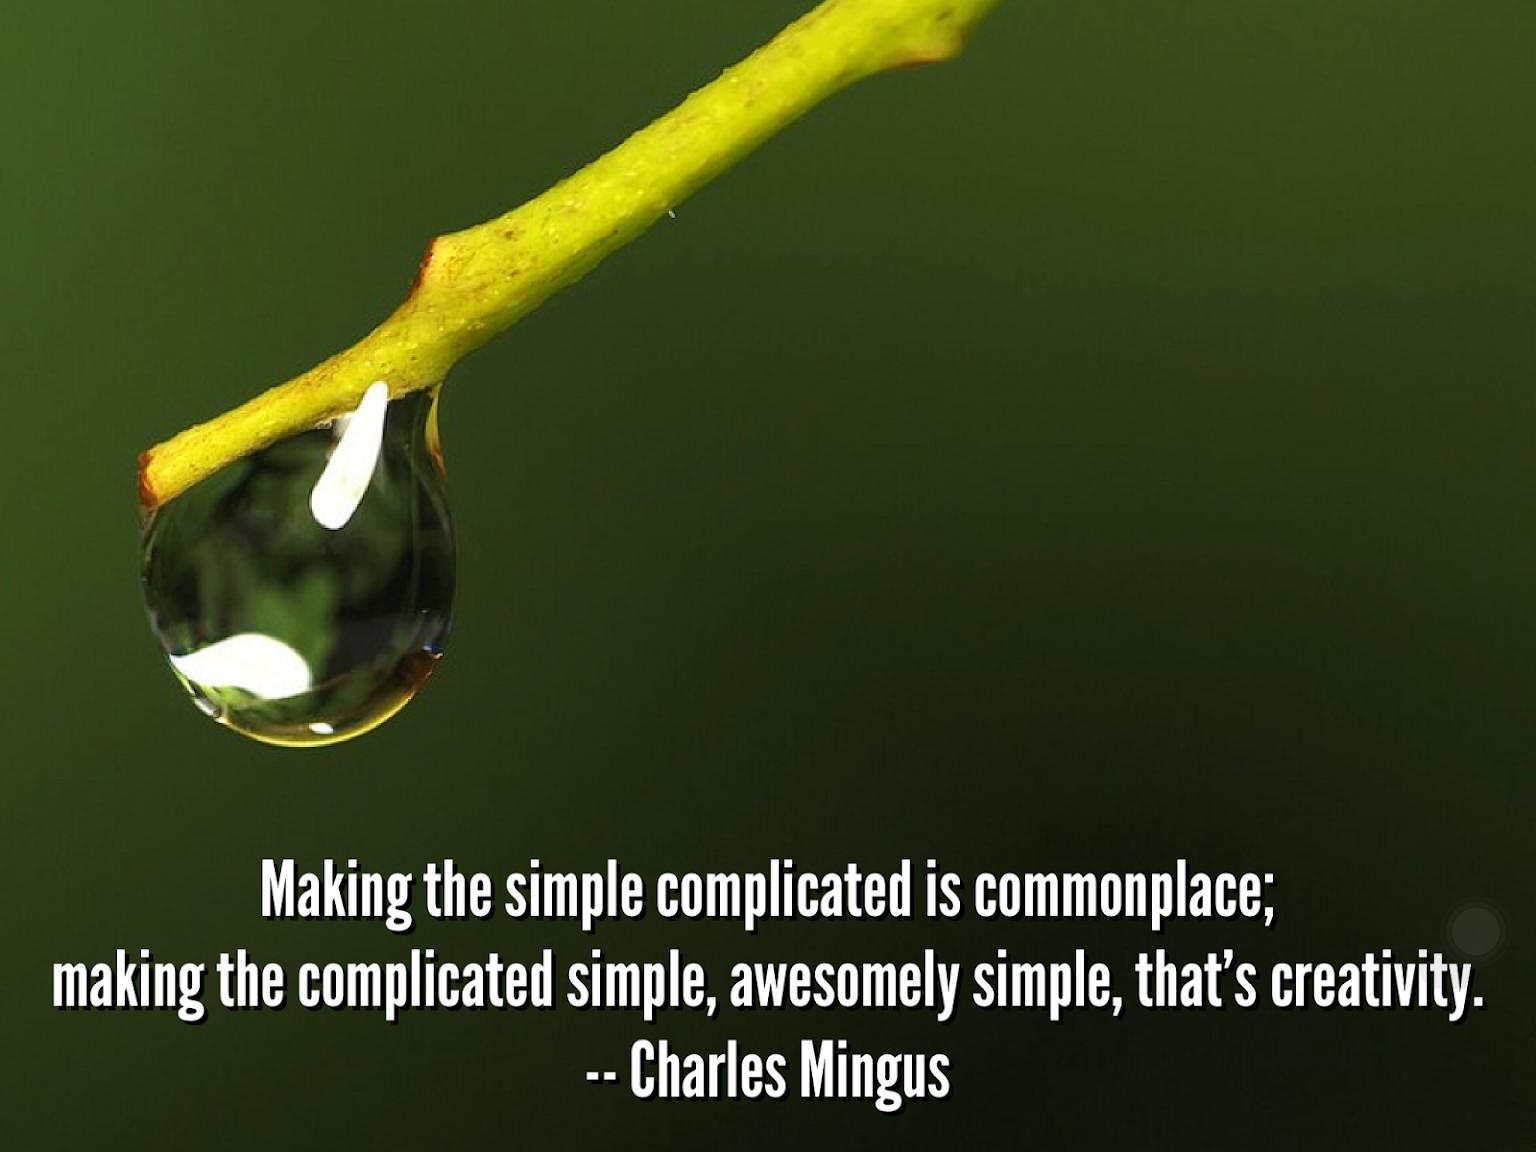 Simplifying.